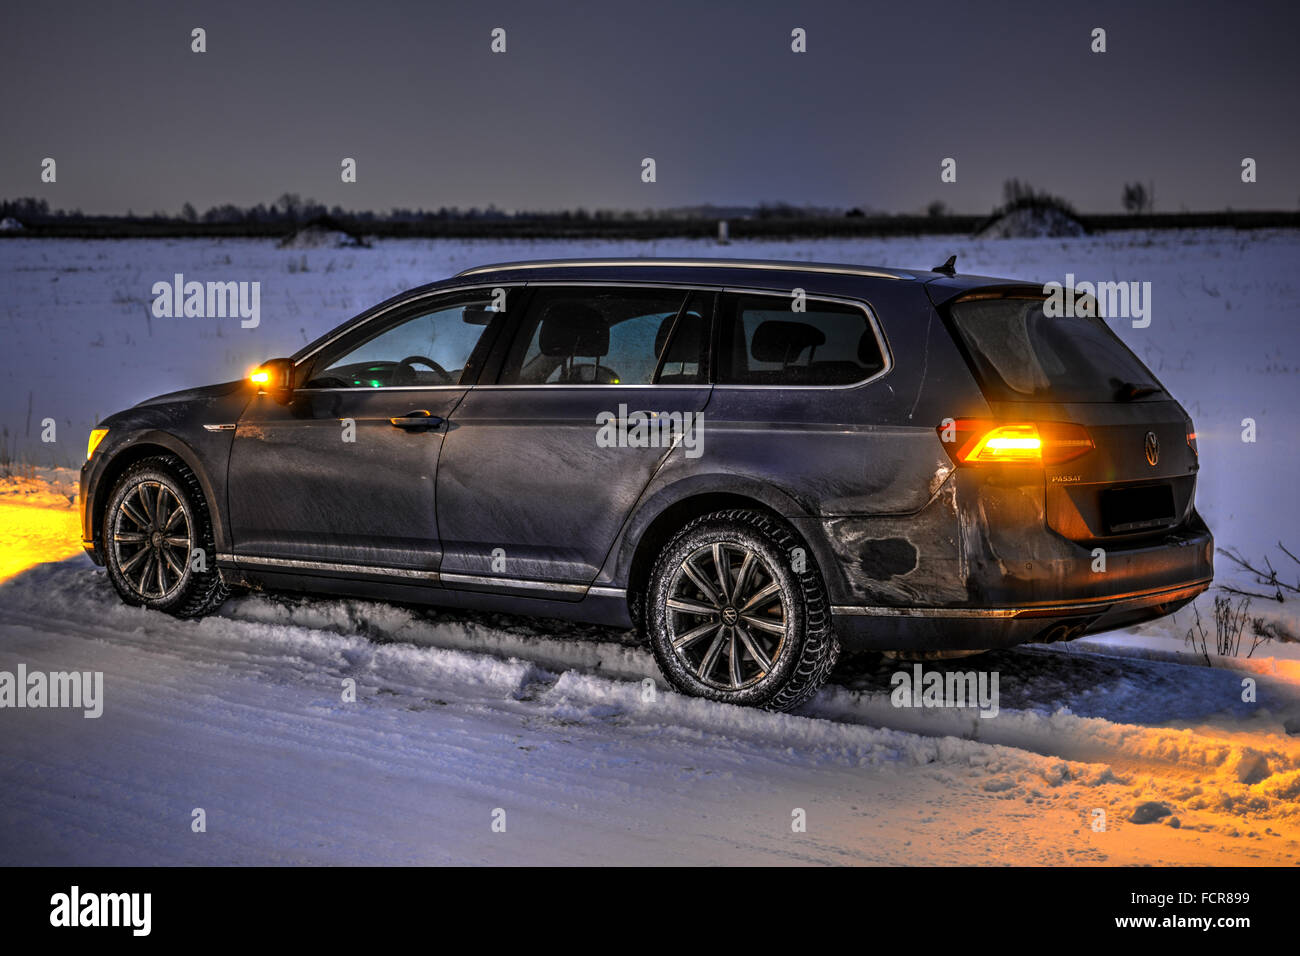 Schmutzigen Auto in der Nacht. Winterzeit, HDR Stockbild